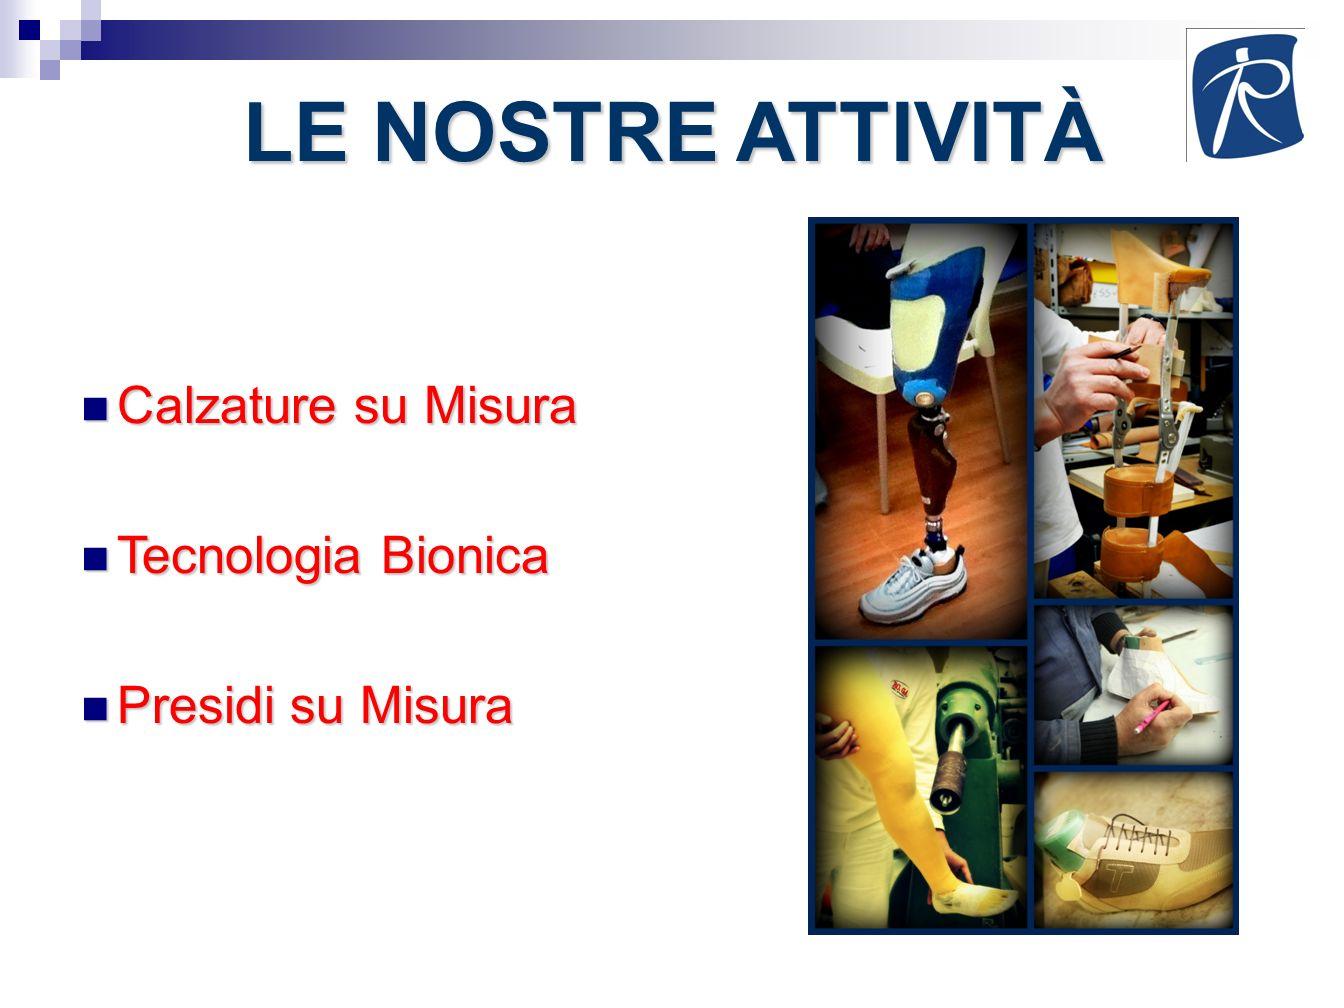 LE NOSTRE ATTIVITÀ Calzature su Misura Calzature su Misura Tecnologia Bionica Tecnologia Bionica Presidi su Misura Presidi su Misura